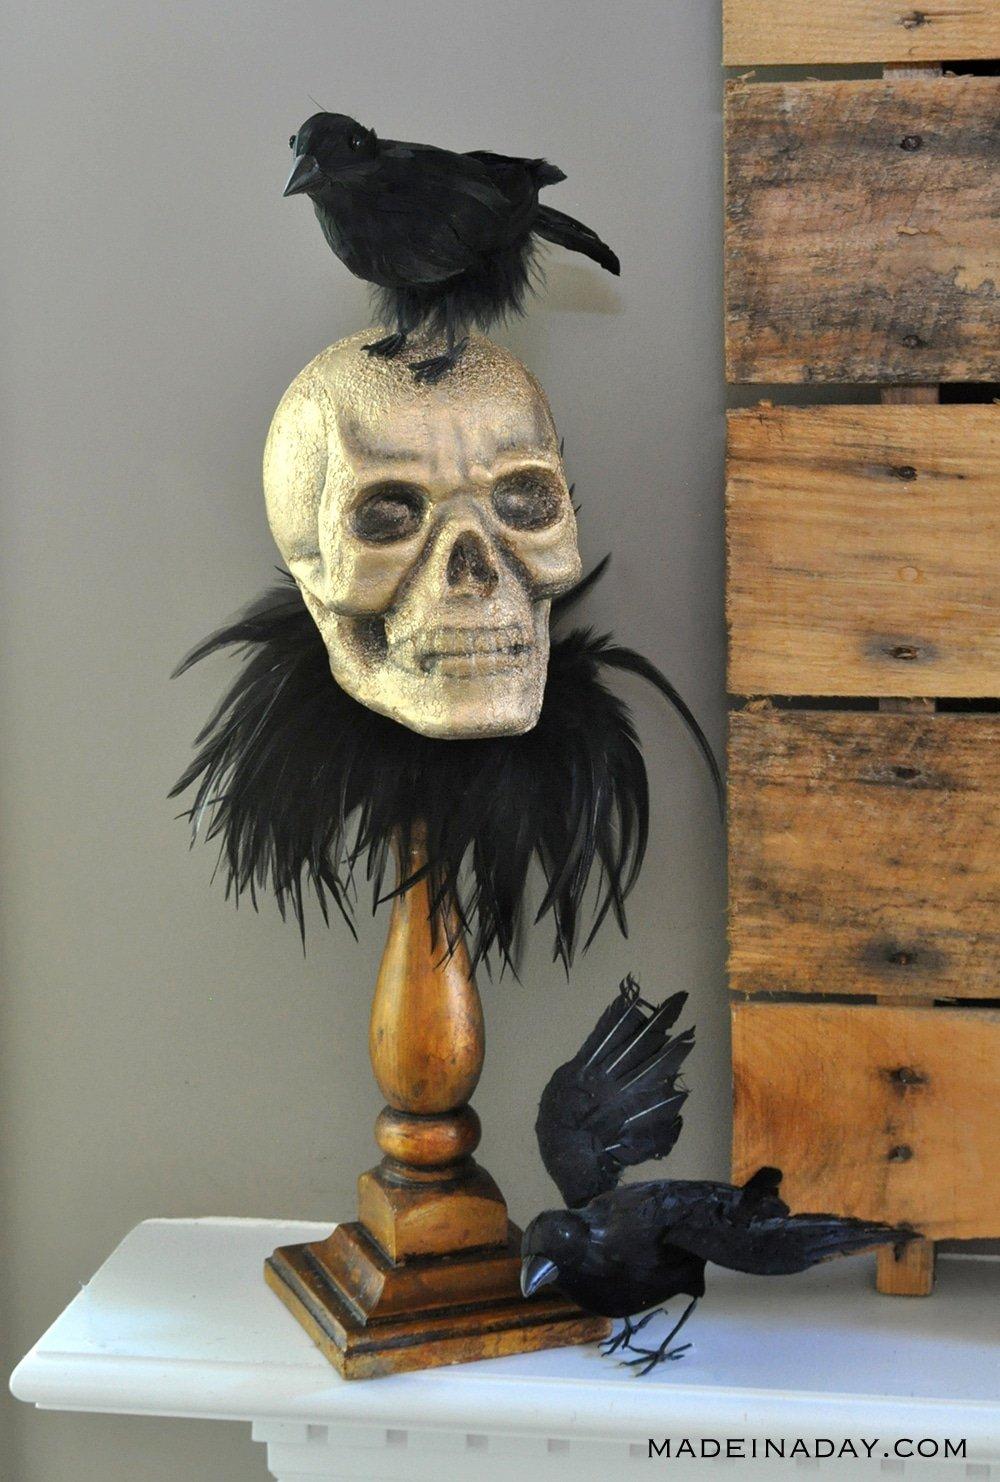 Raven Skull on a pedestal